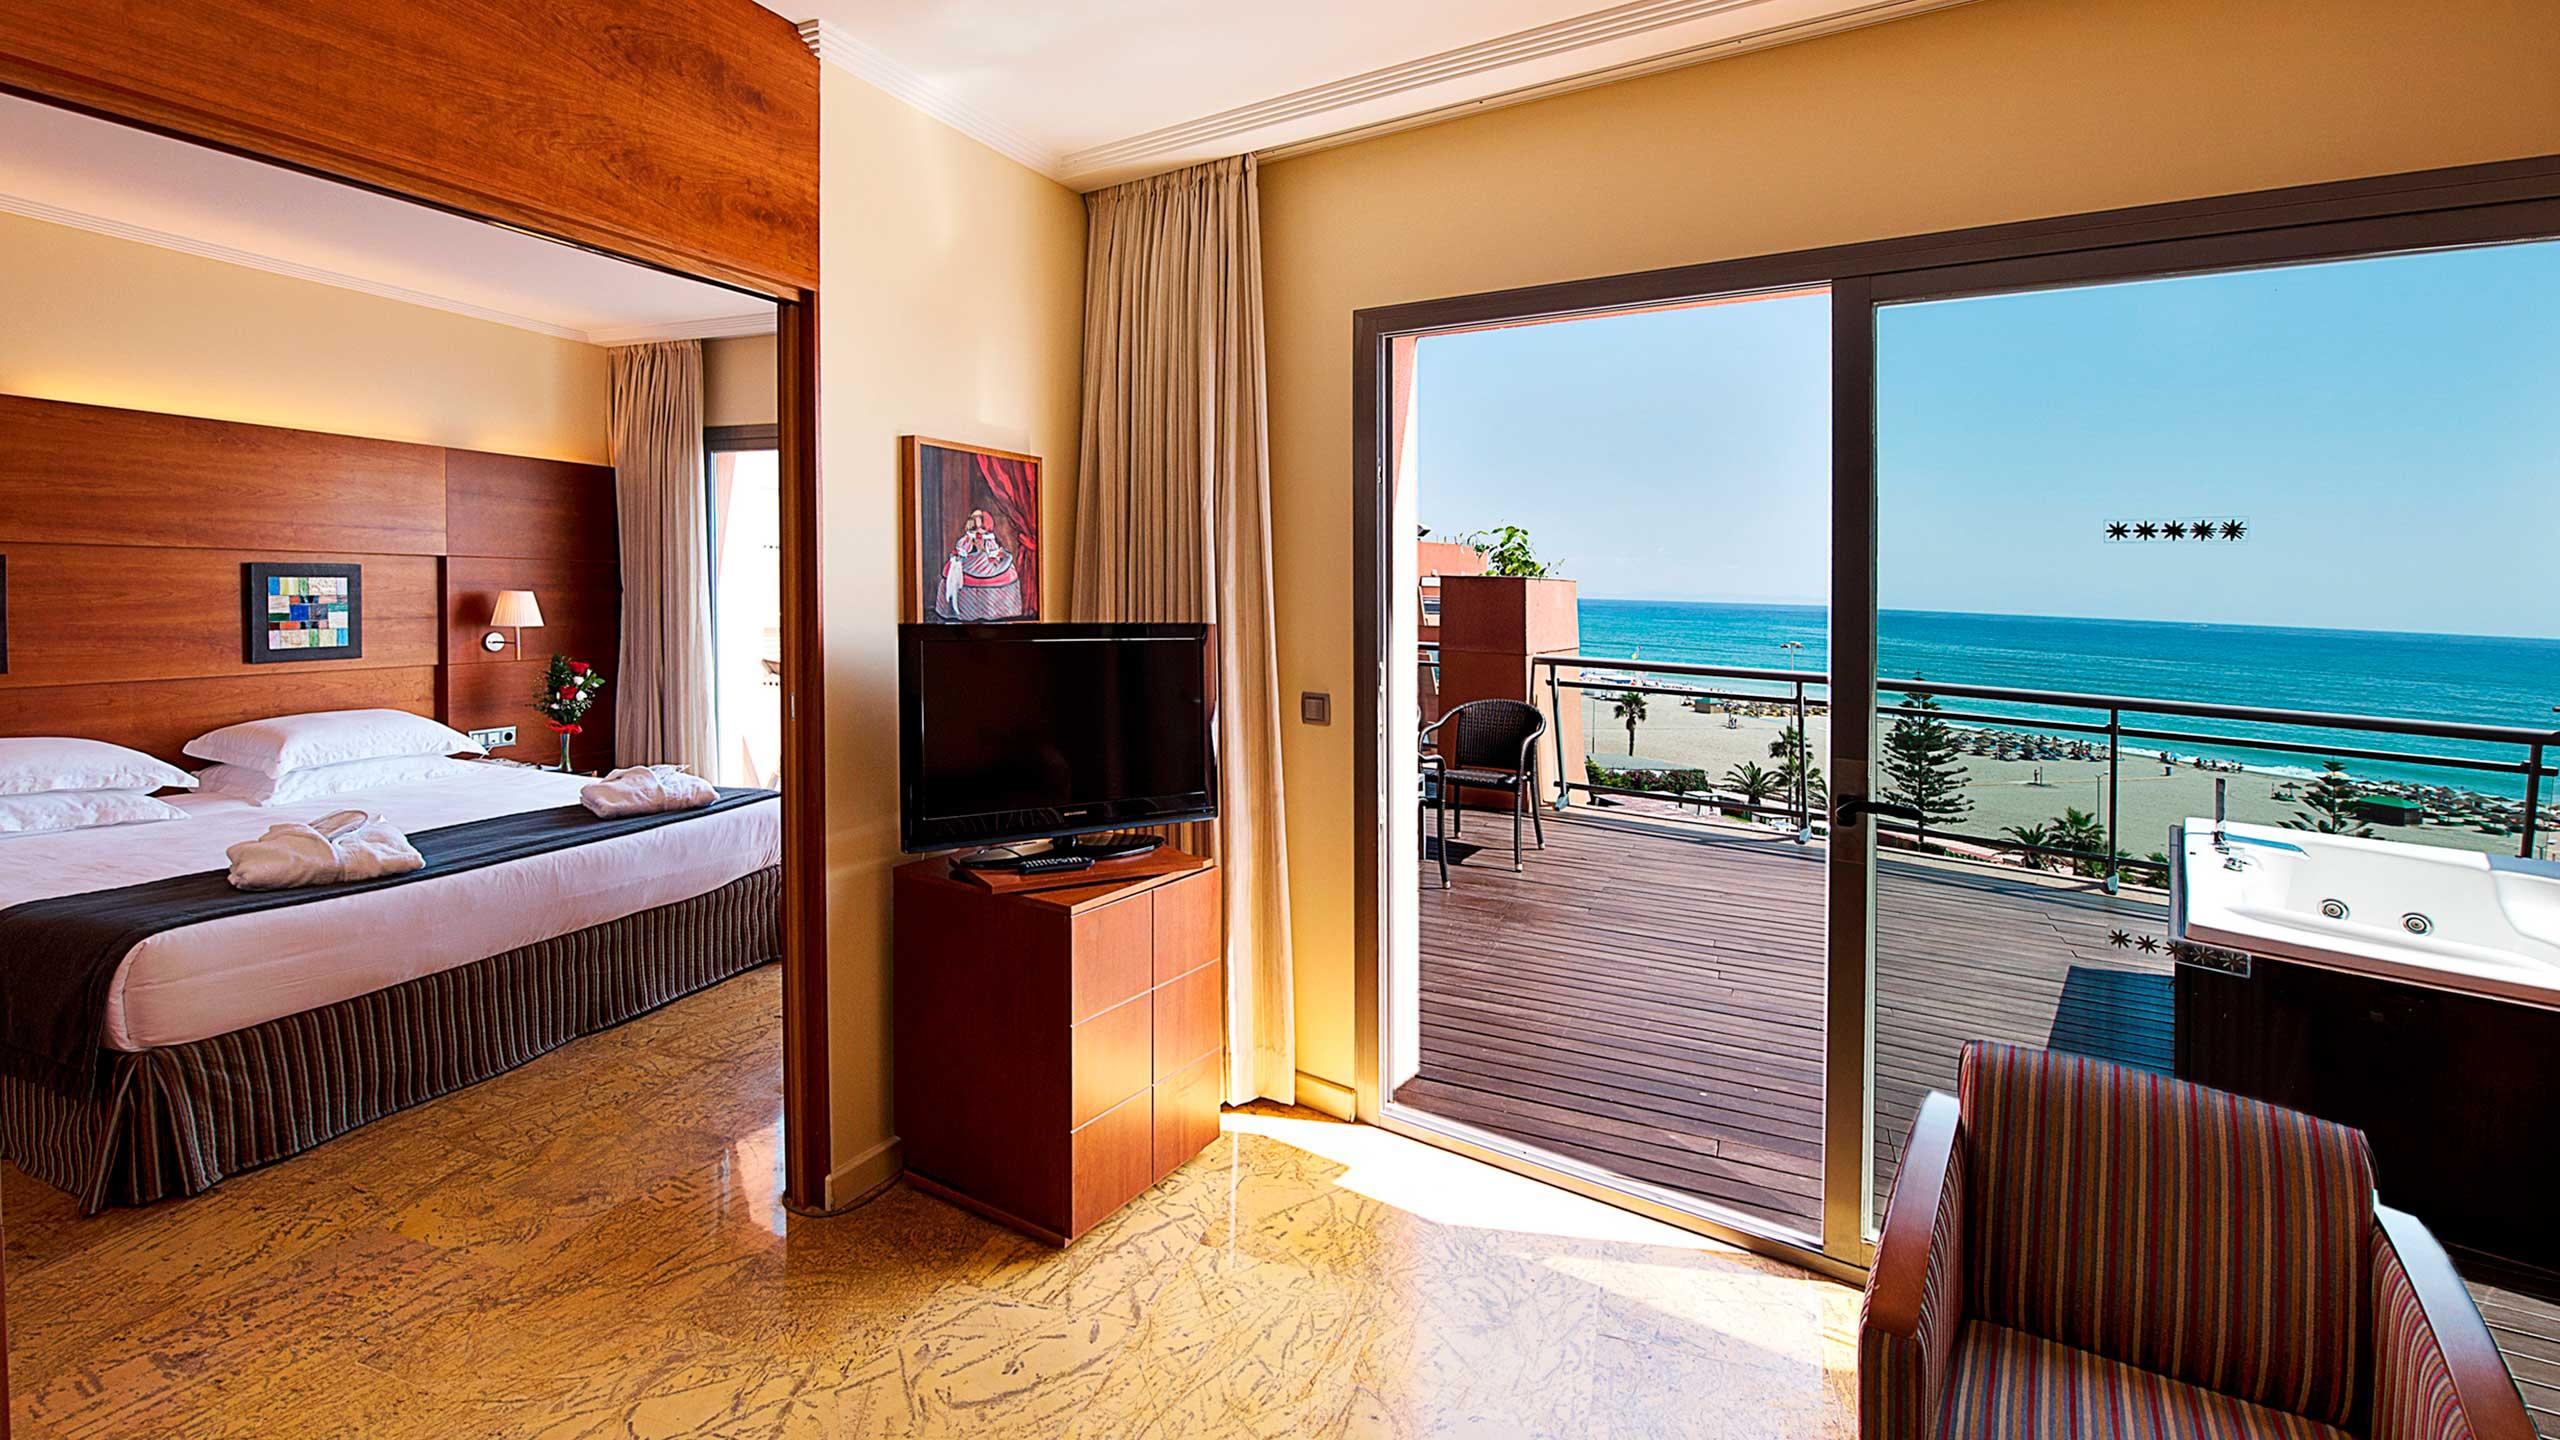 Protur Roquetas Hotel Spa